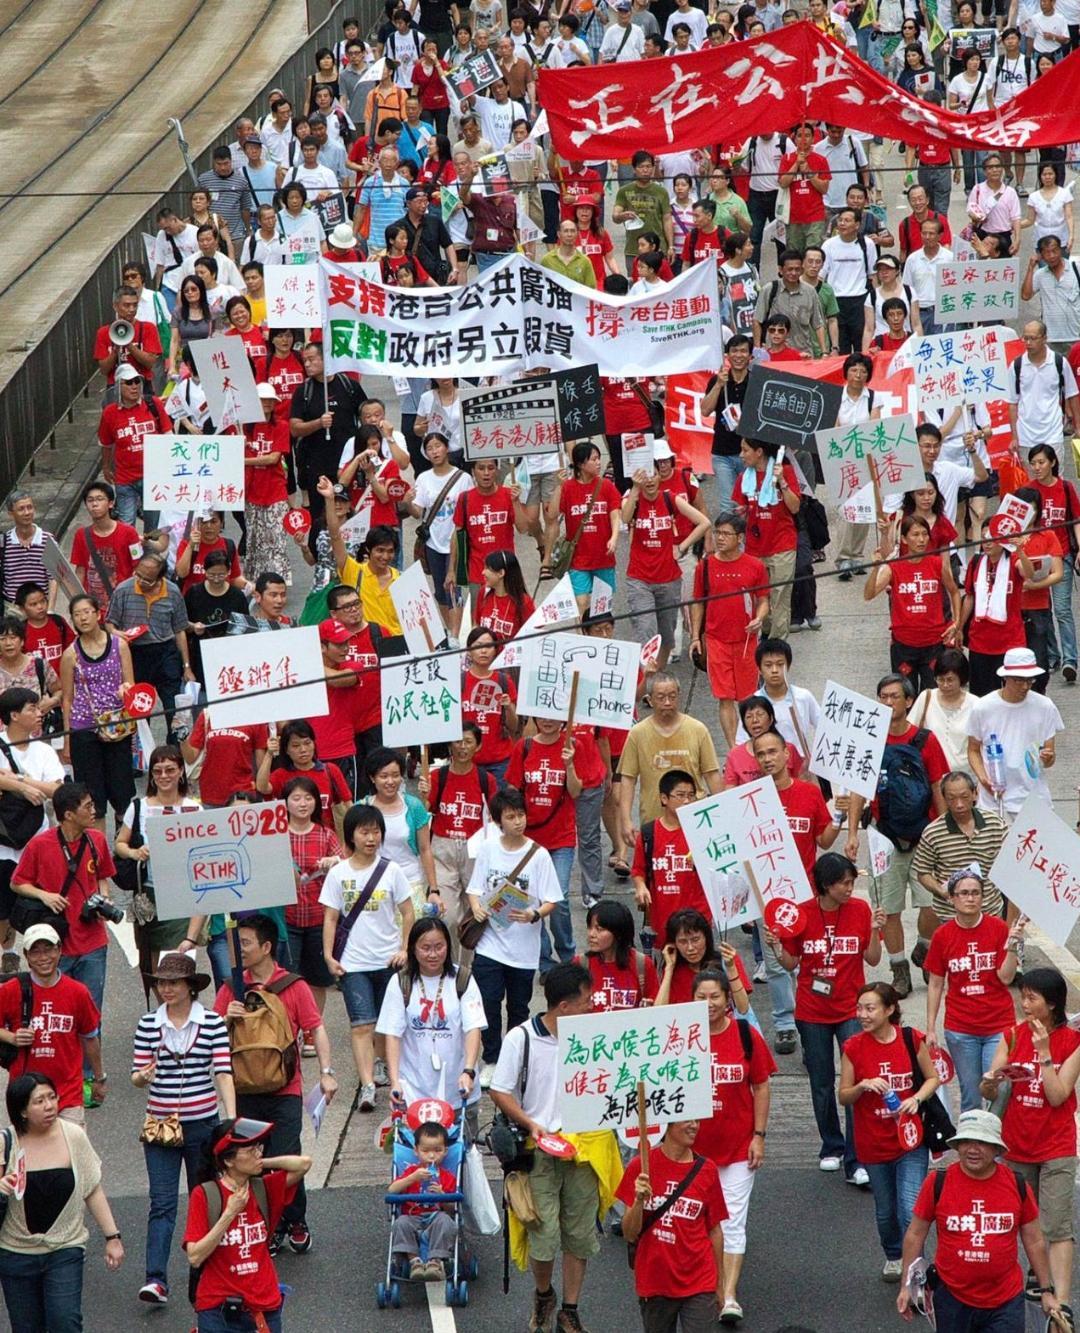 我們的旅程(三) 撐香港電台 撐公共廣播運動